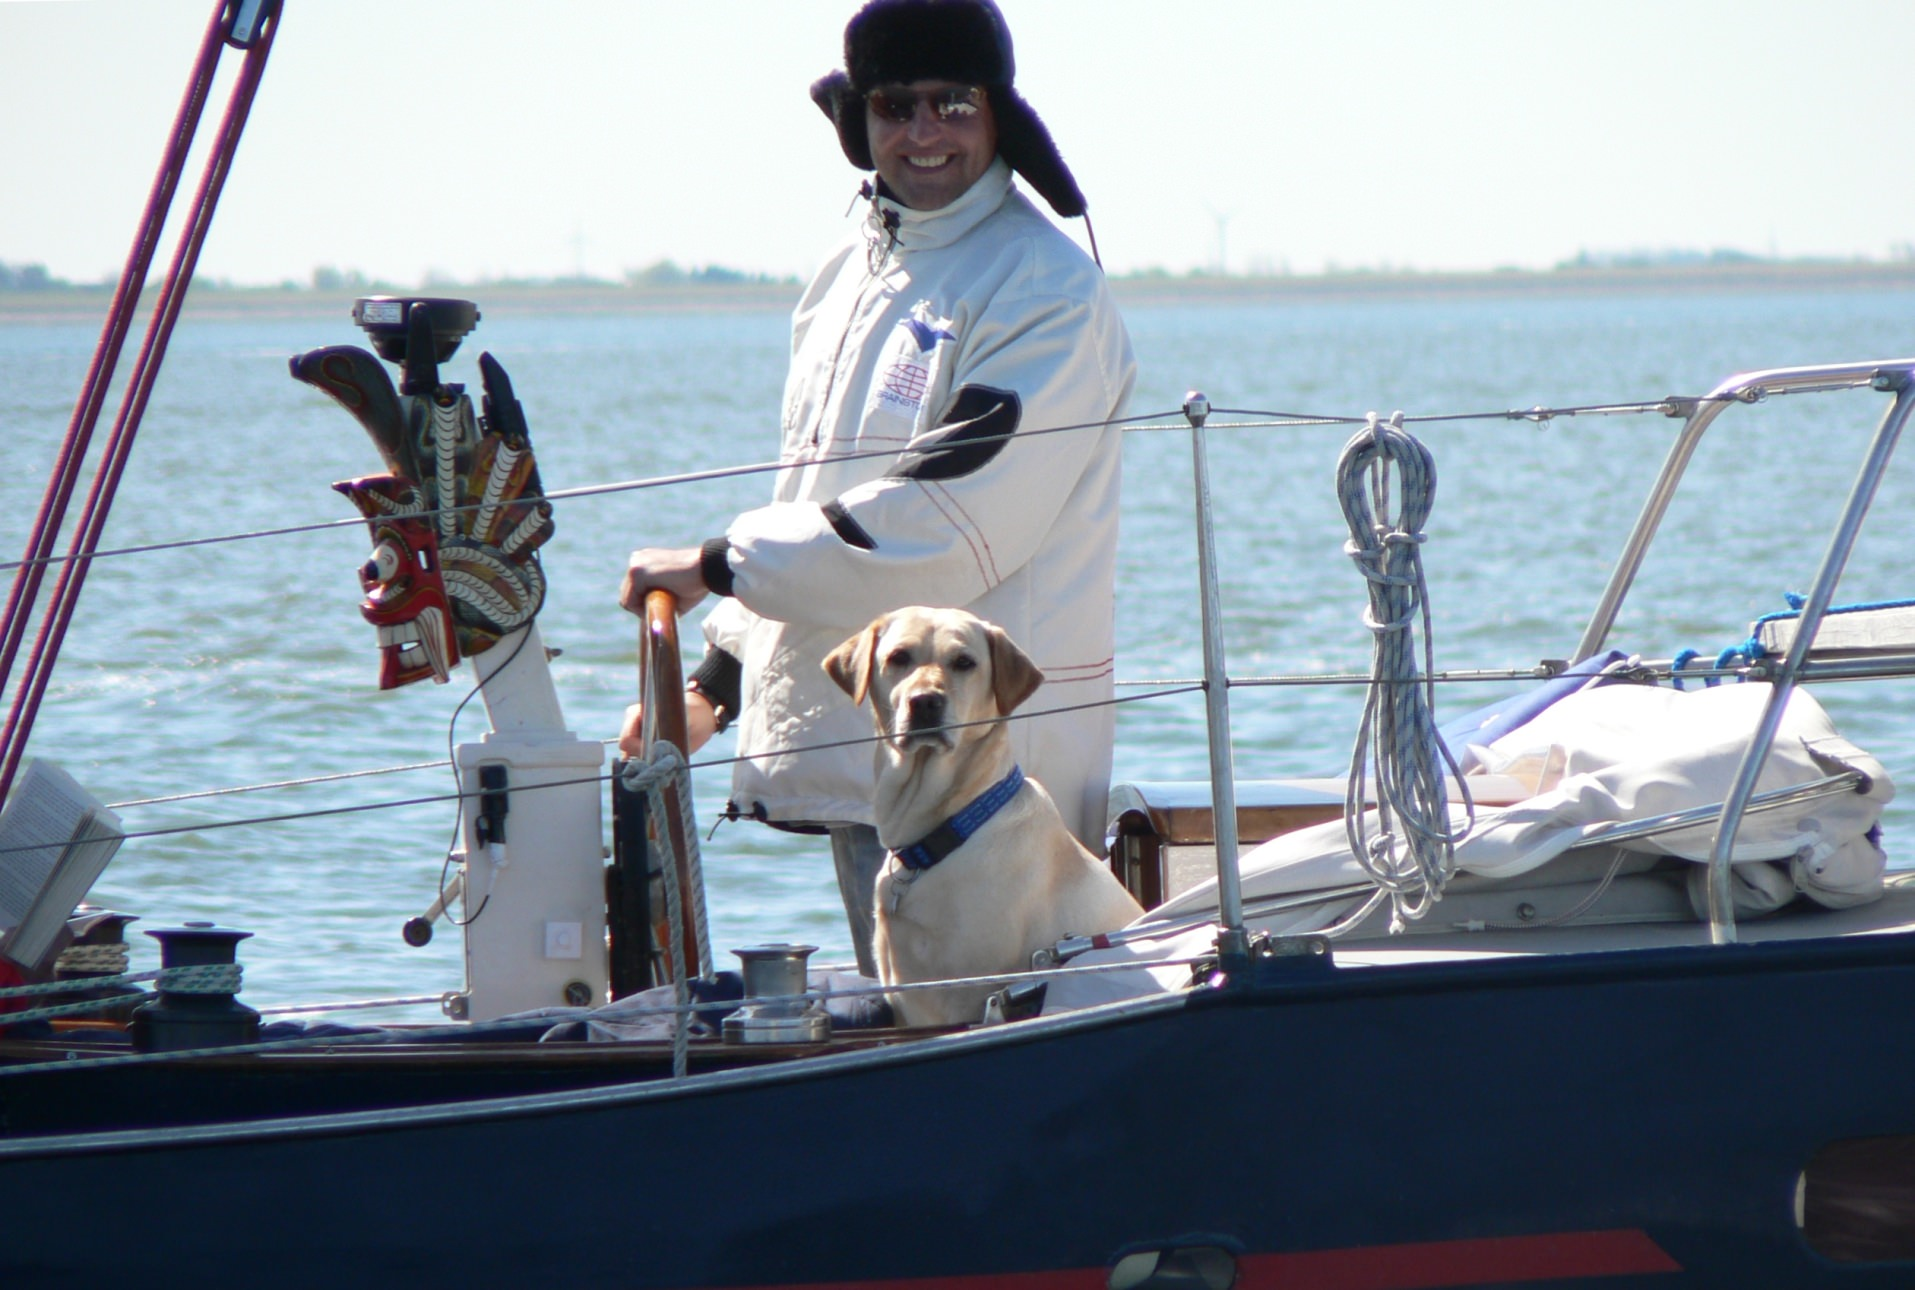 Holger Petterson und sein Hund Amber an Deck des Segelboots Fuchur